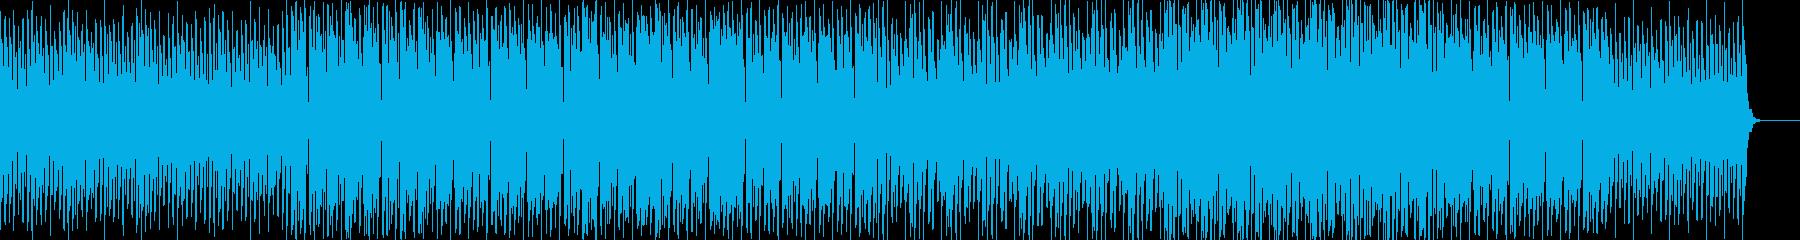 美しい旋律のピアノとエレクトロニカの再生済みの波形